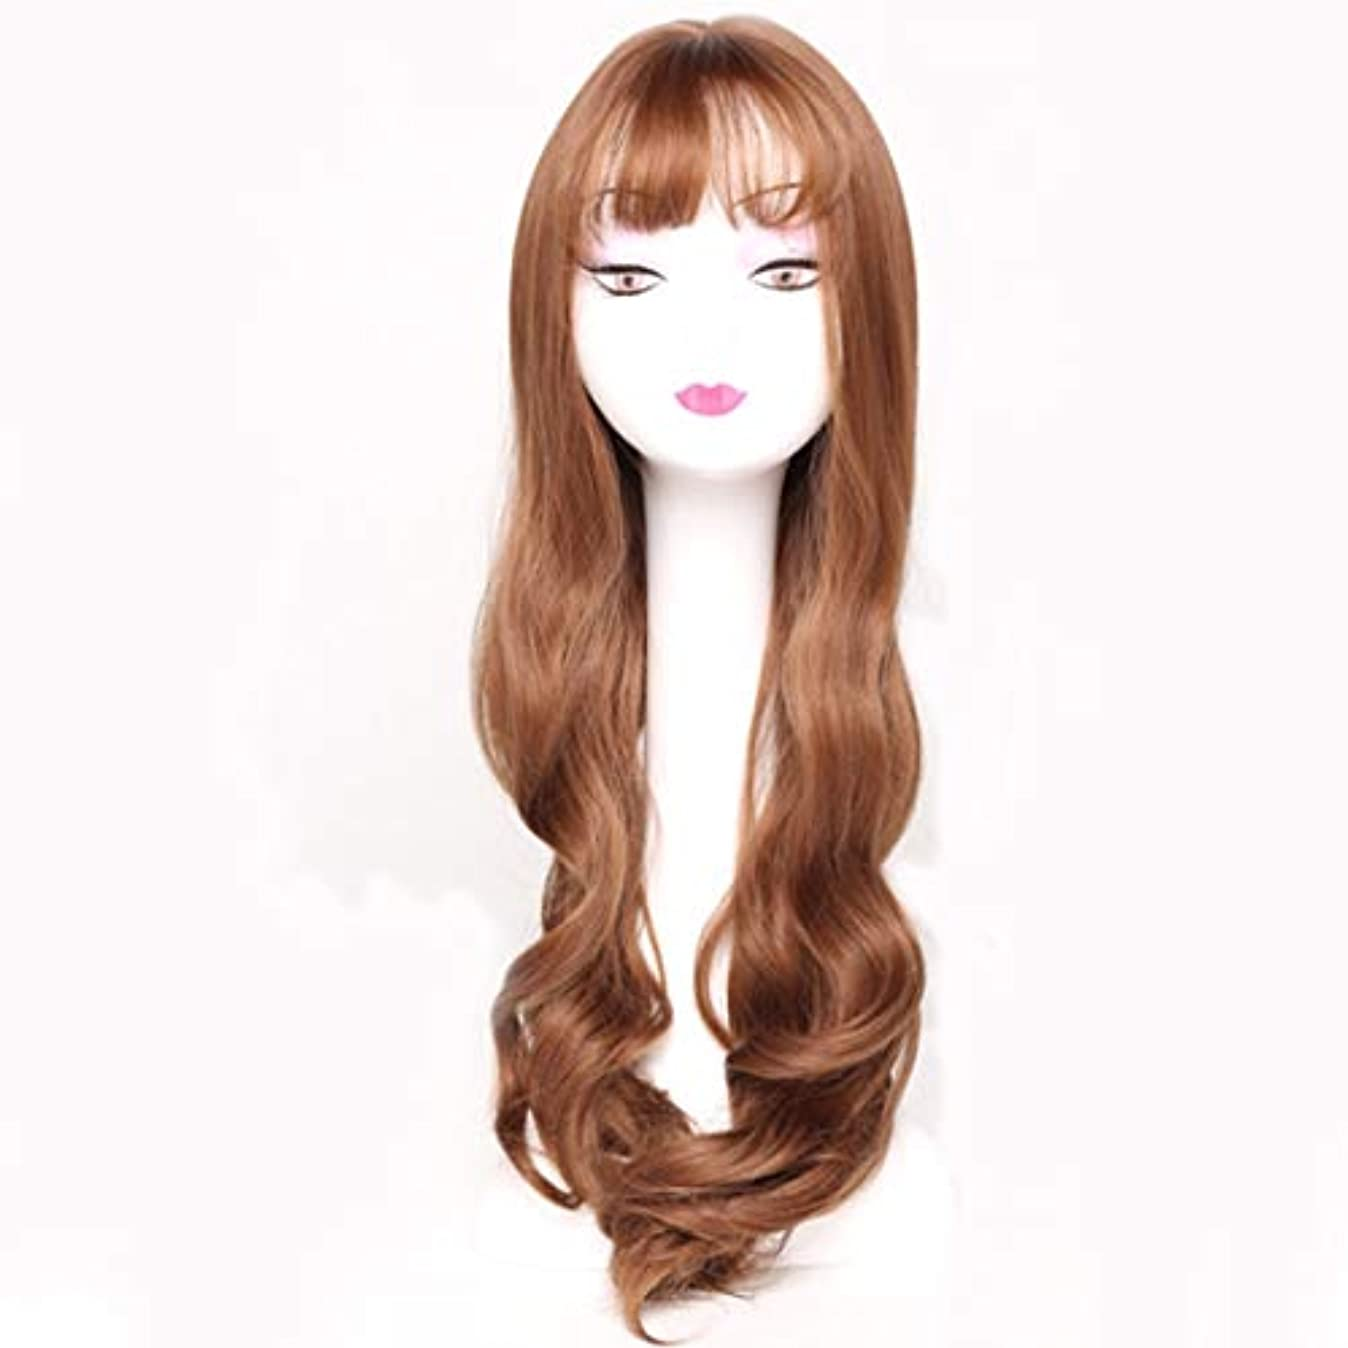 世代食器棚男性Summerys レディースウィッグカーリー合成かつら前髪合成耐熱女性ヘアスタイルカスタムコスプレパーティーウィッグ